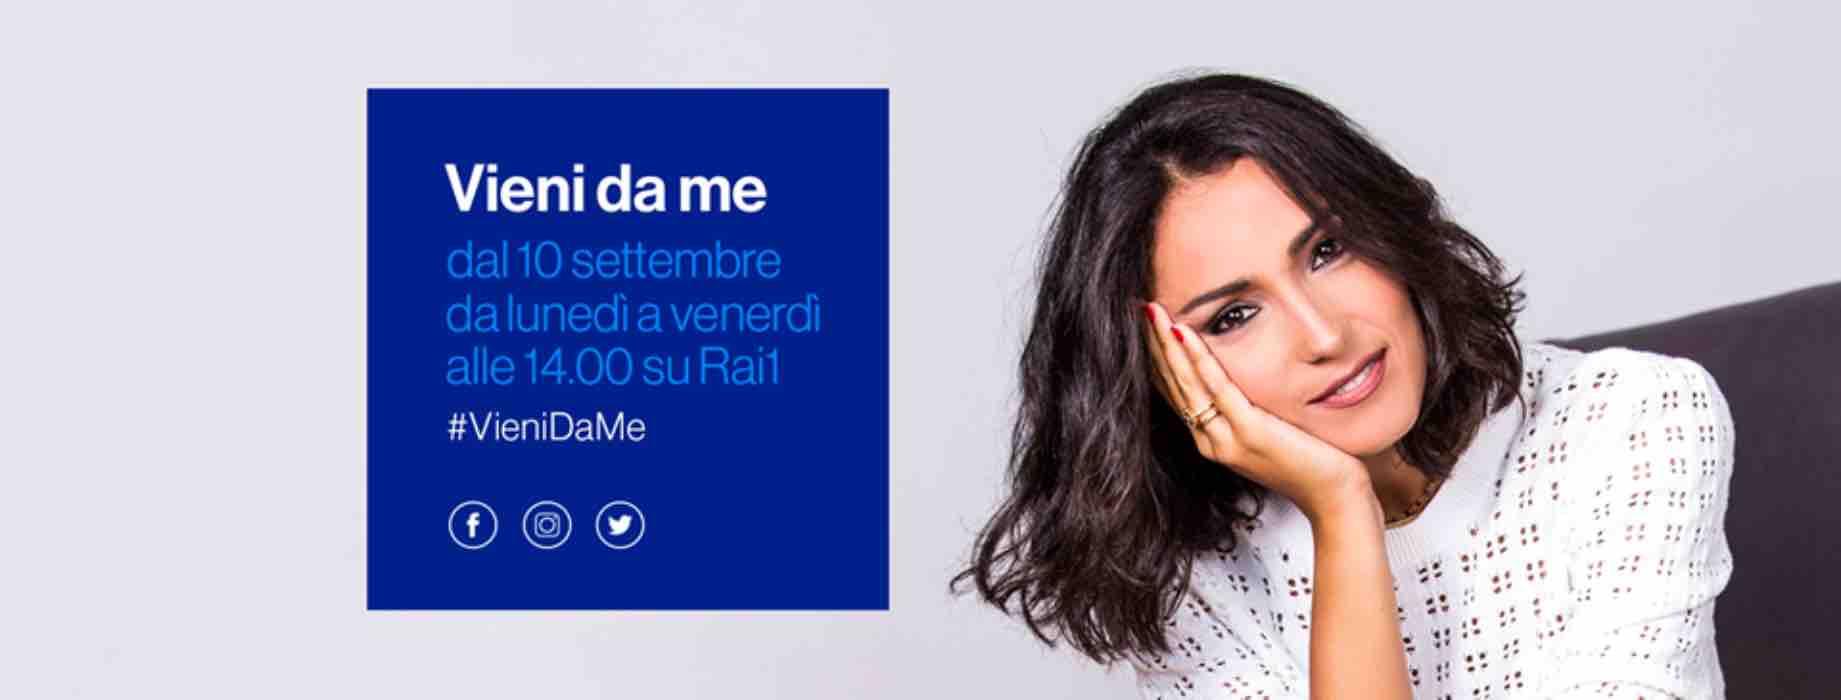 'Vieni da me': ospite Cristiana Ciacci, la figlia di Little Tony